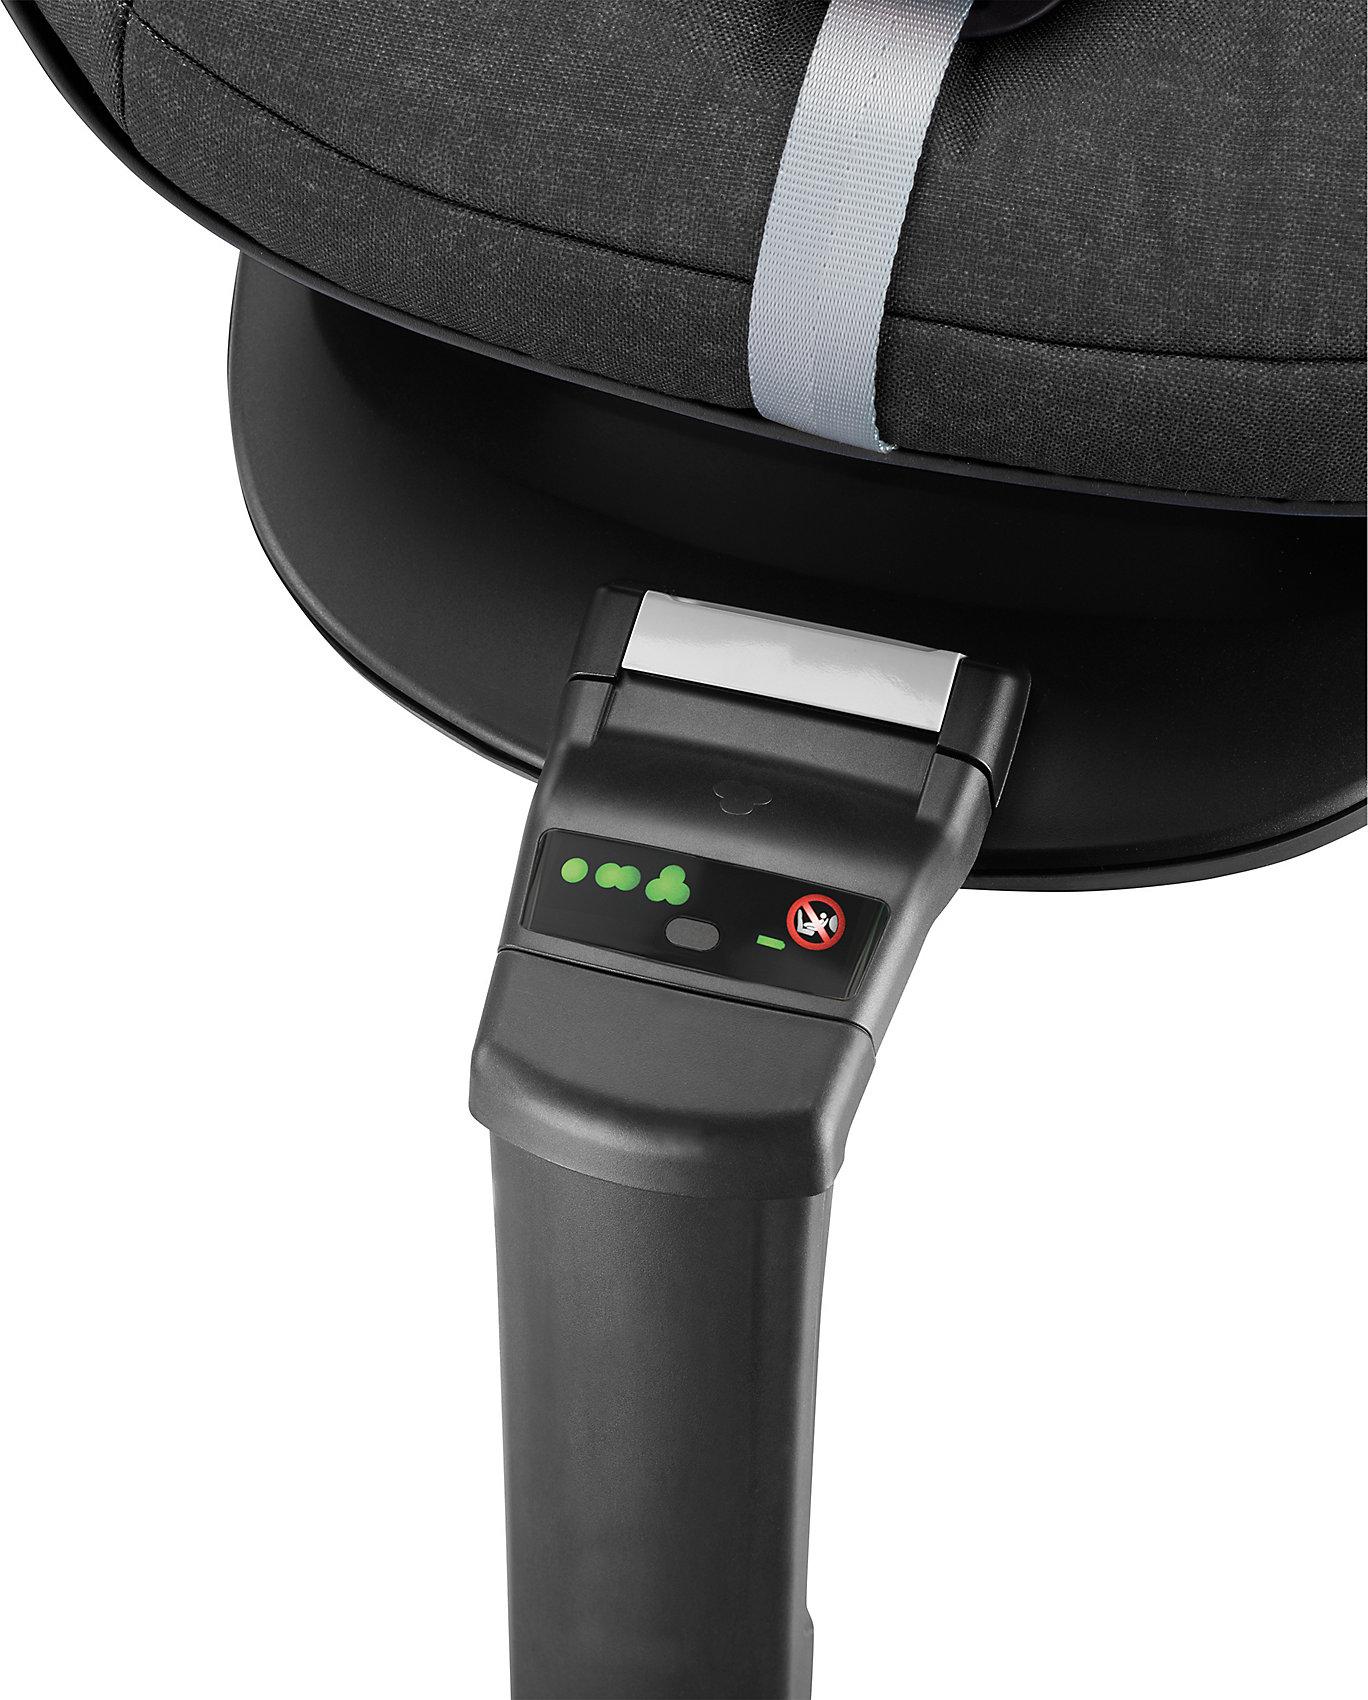 Neu Maxi-Cosi Basis FamilyFix One i-Size für Rock und Pearl One i-Size 7192398